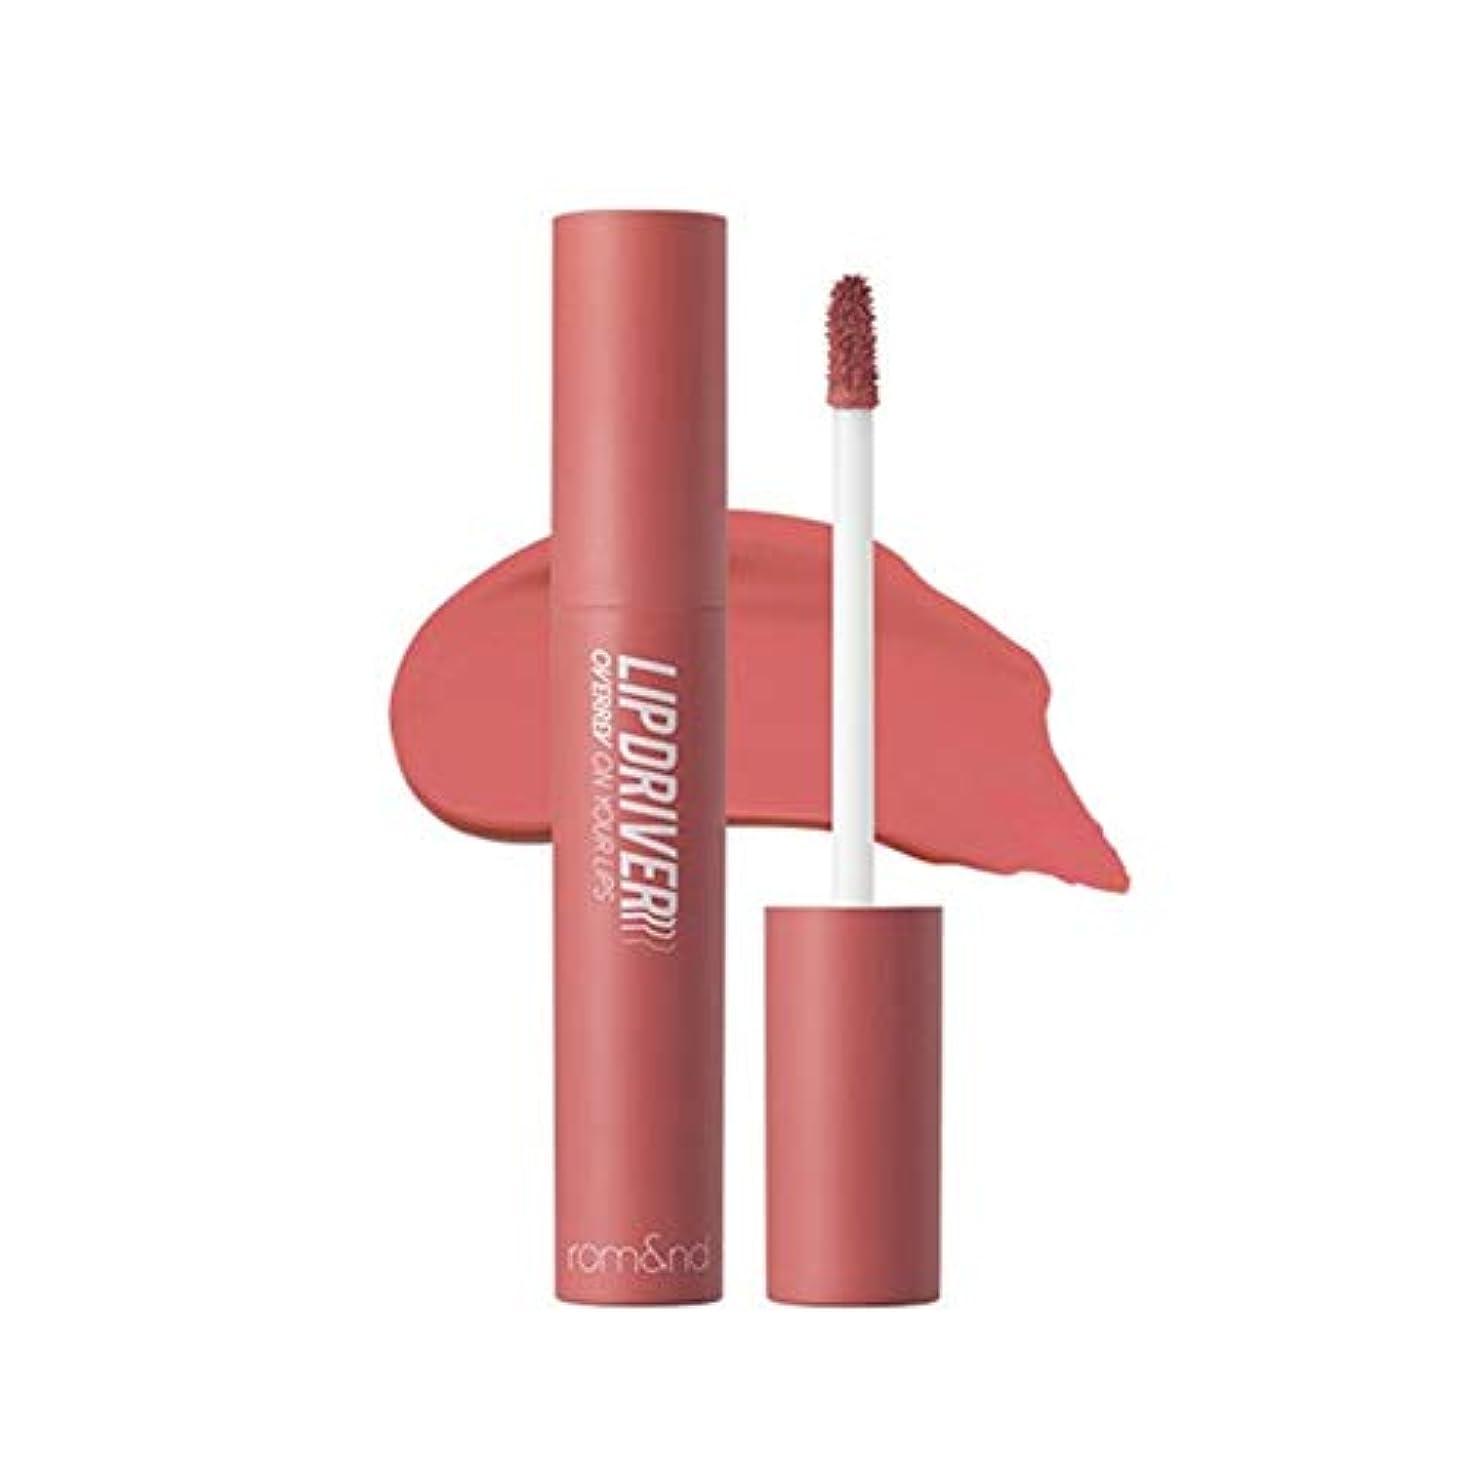 倍率考える瞬時にローム?アンド?リップドライバリップスティック5カラー韓国コスメ、Rom&nd Lipdriver Lipstick 5 Colors Korean Cosmetics [並行輸入品] (#05. overrev)